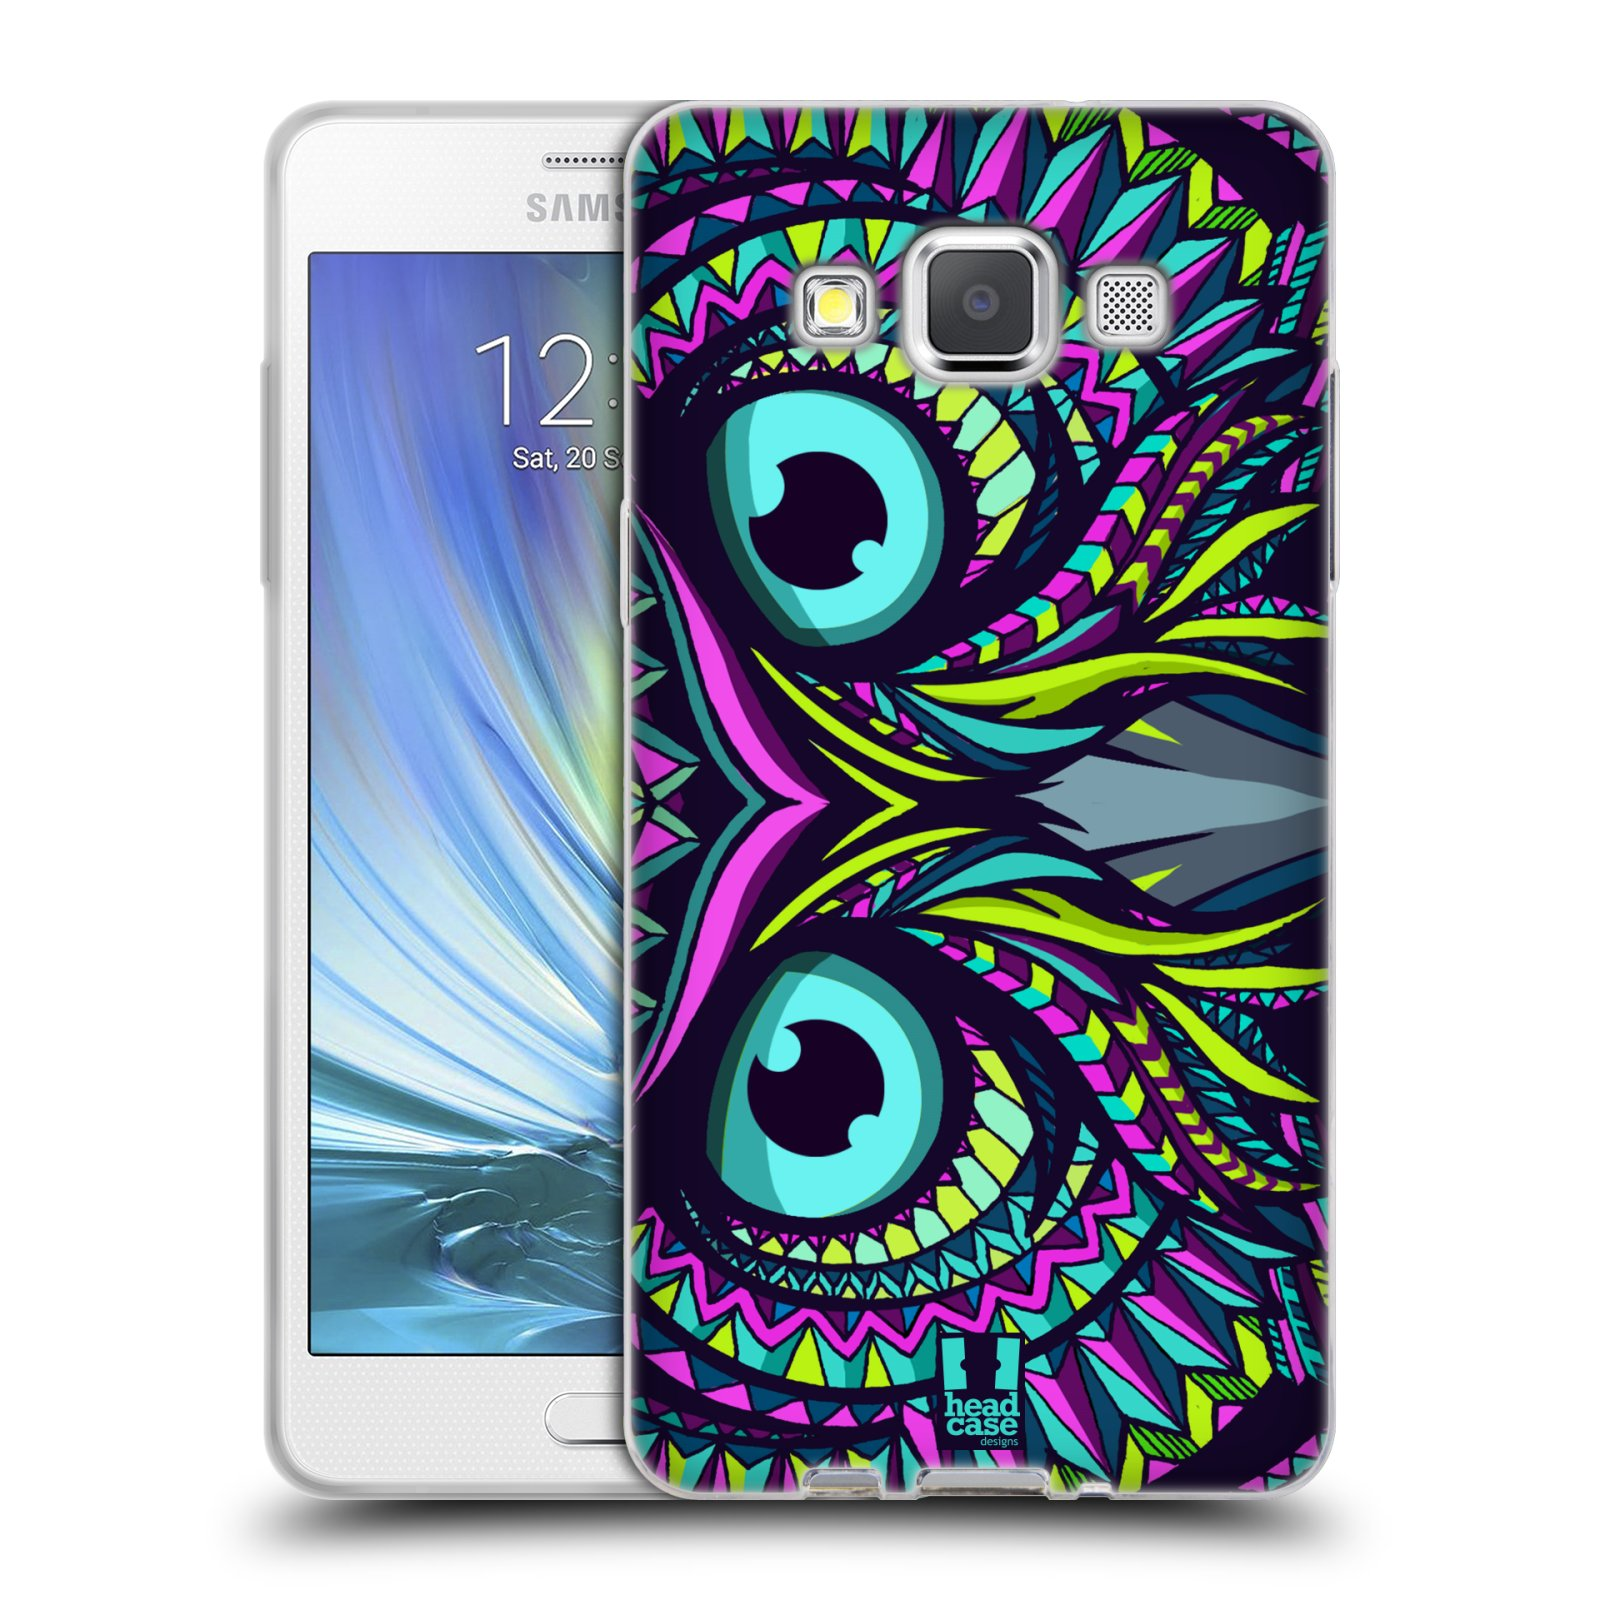 Silikonové pouzdro na mobil Samsung Galaxy A5 HEAD CASE AZTEC SOVA ( Silikonový kryt či obal 1c9cfa30f63